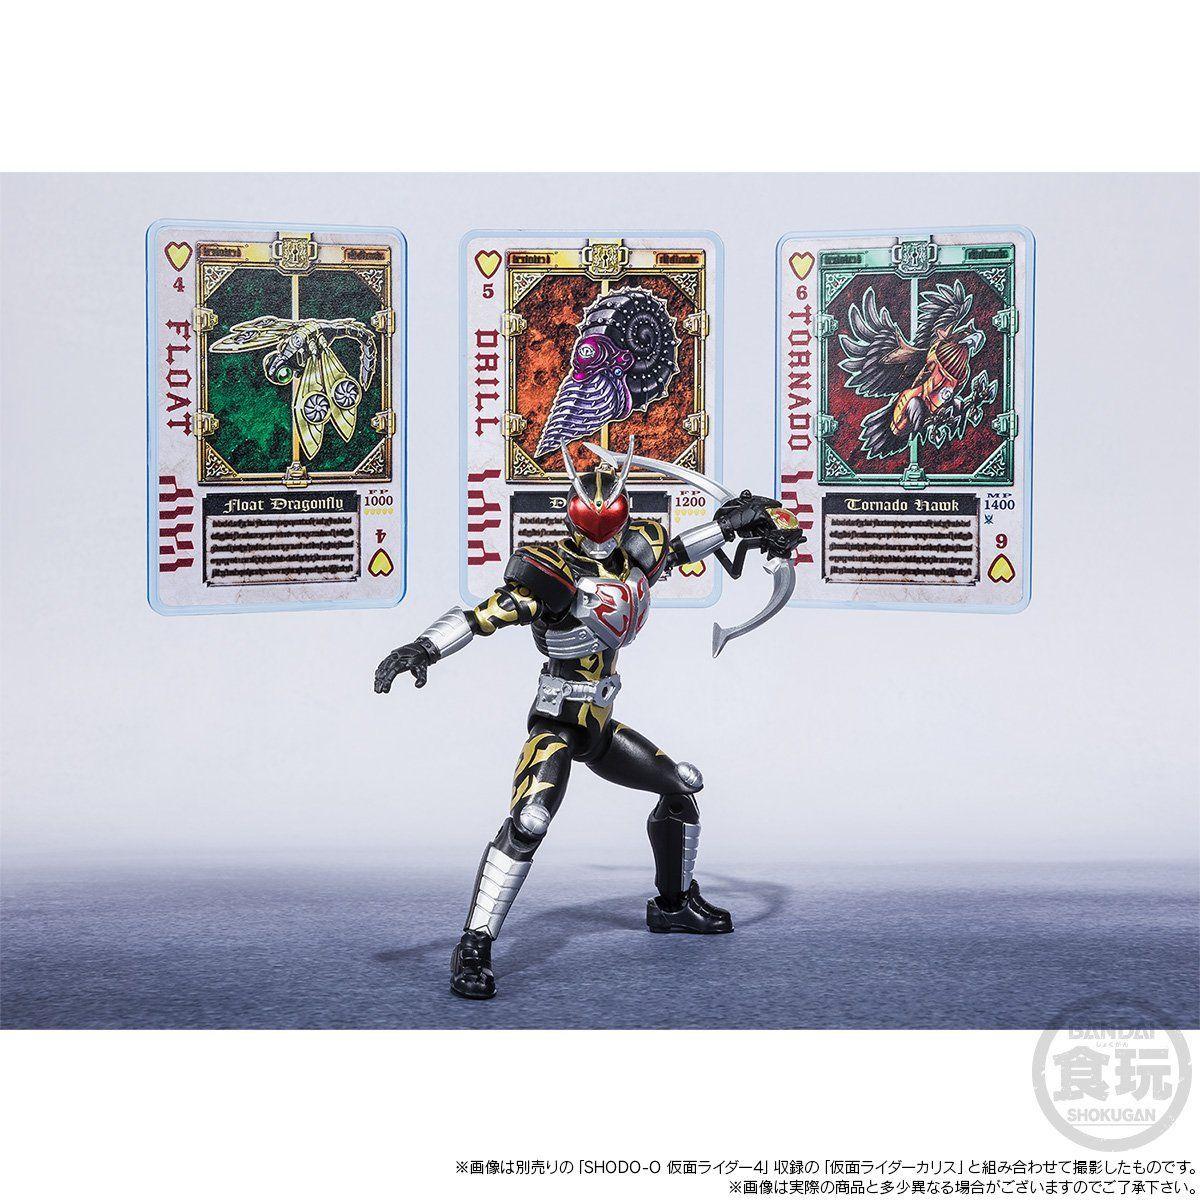 【限定販売】【食玩】SHODO-X『仮面ライダー剣 キングフォームセット』可動フィギュア-006